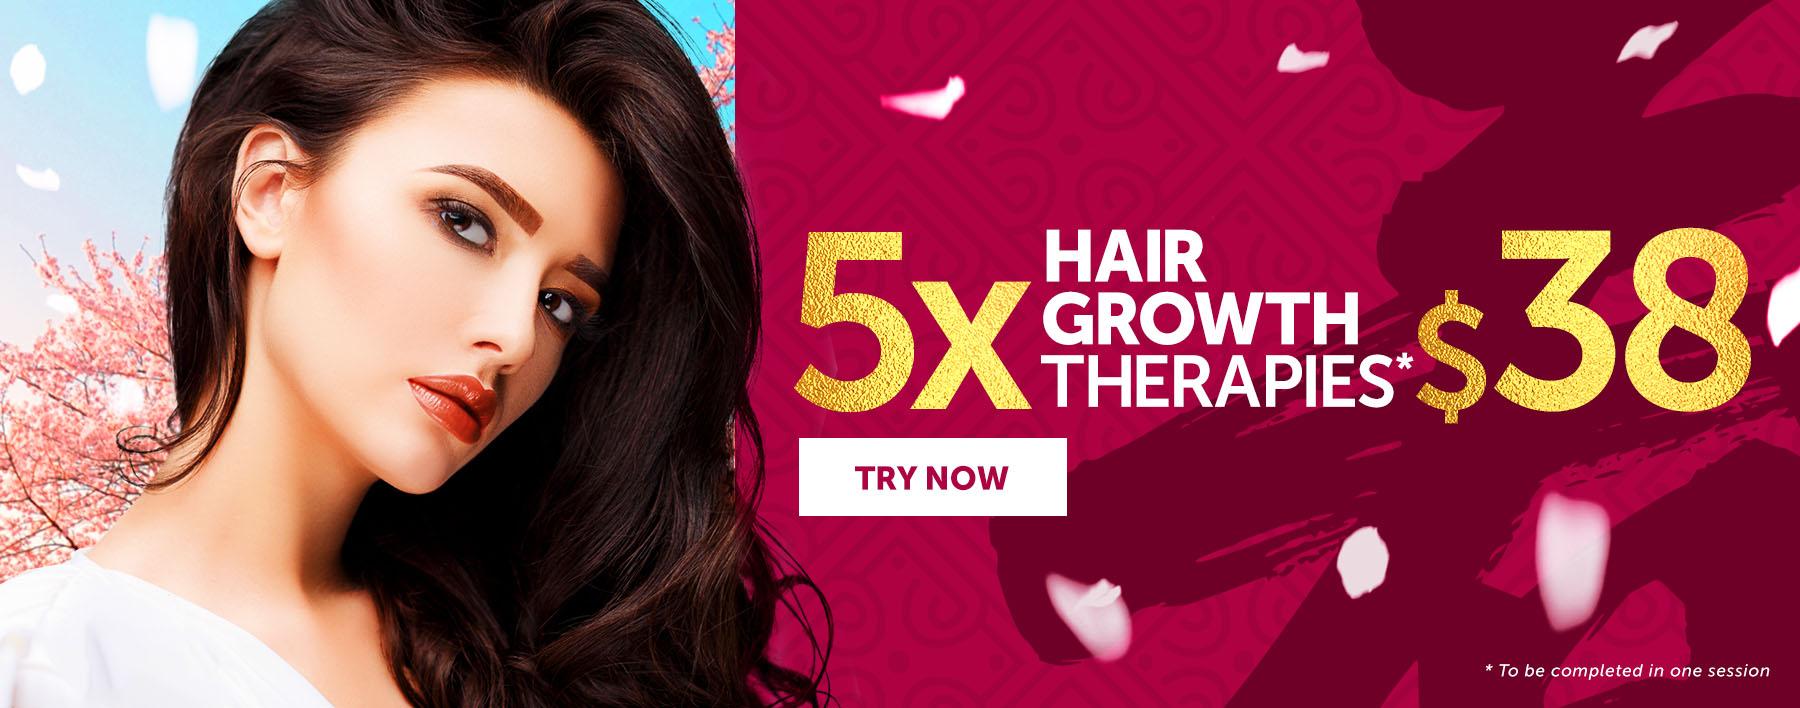 5 Hair Therapies at $38